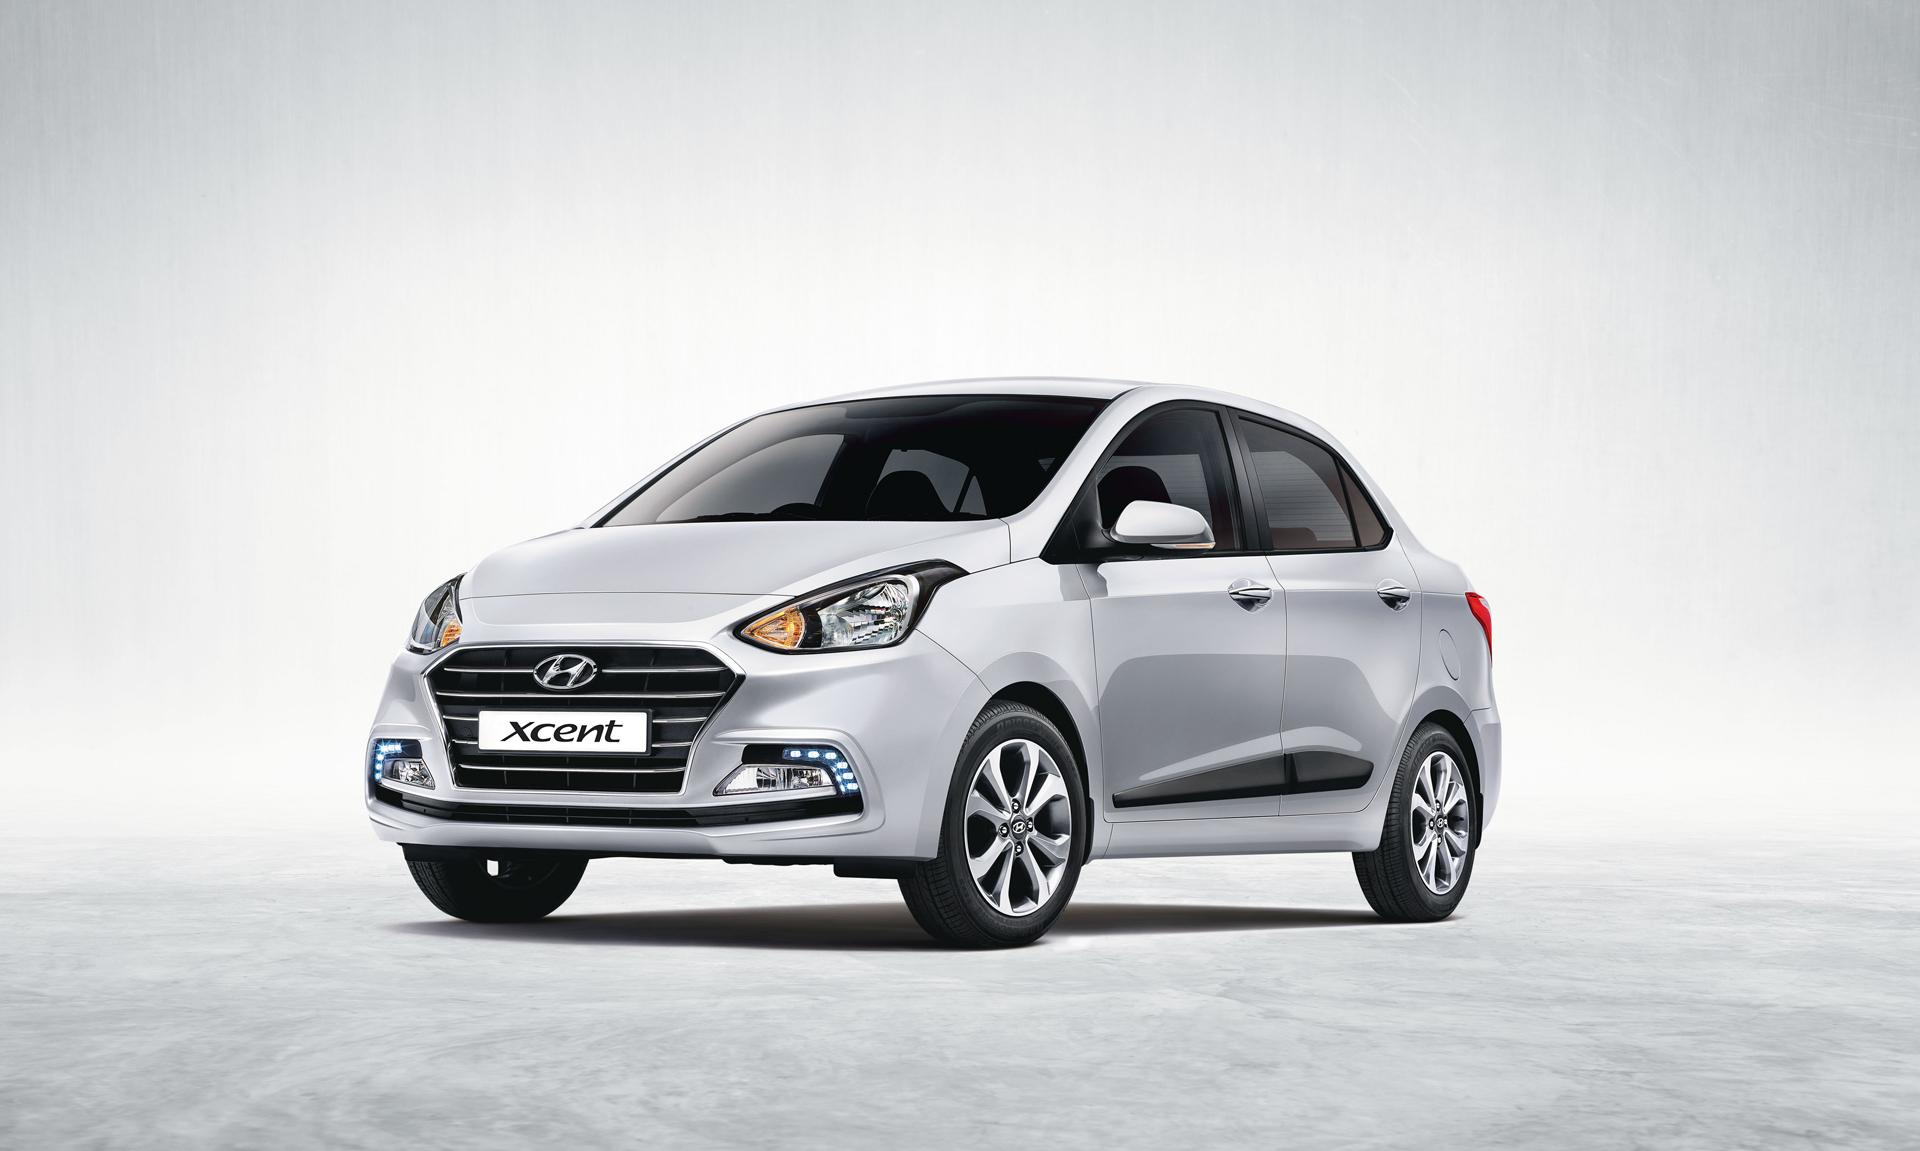 Hyundai Xcent 2017 E Plus CRDi Image